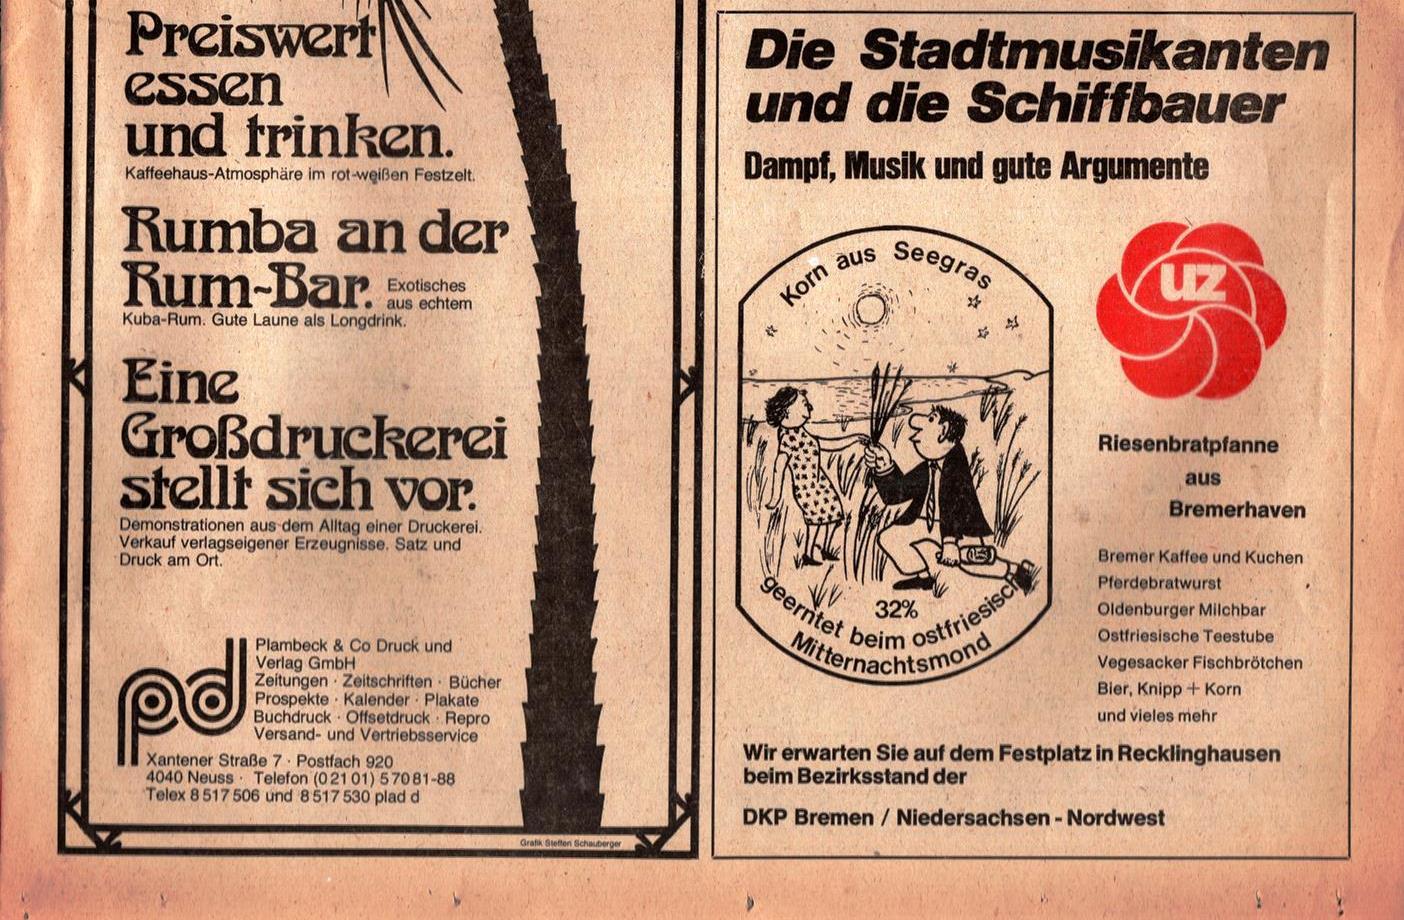 Muenchen_DKP_Neues_Muenchen_19770600_006_014